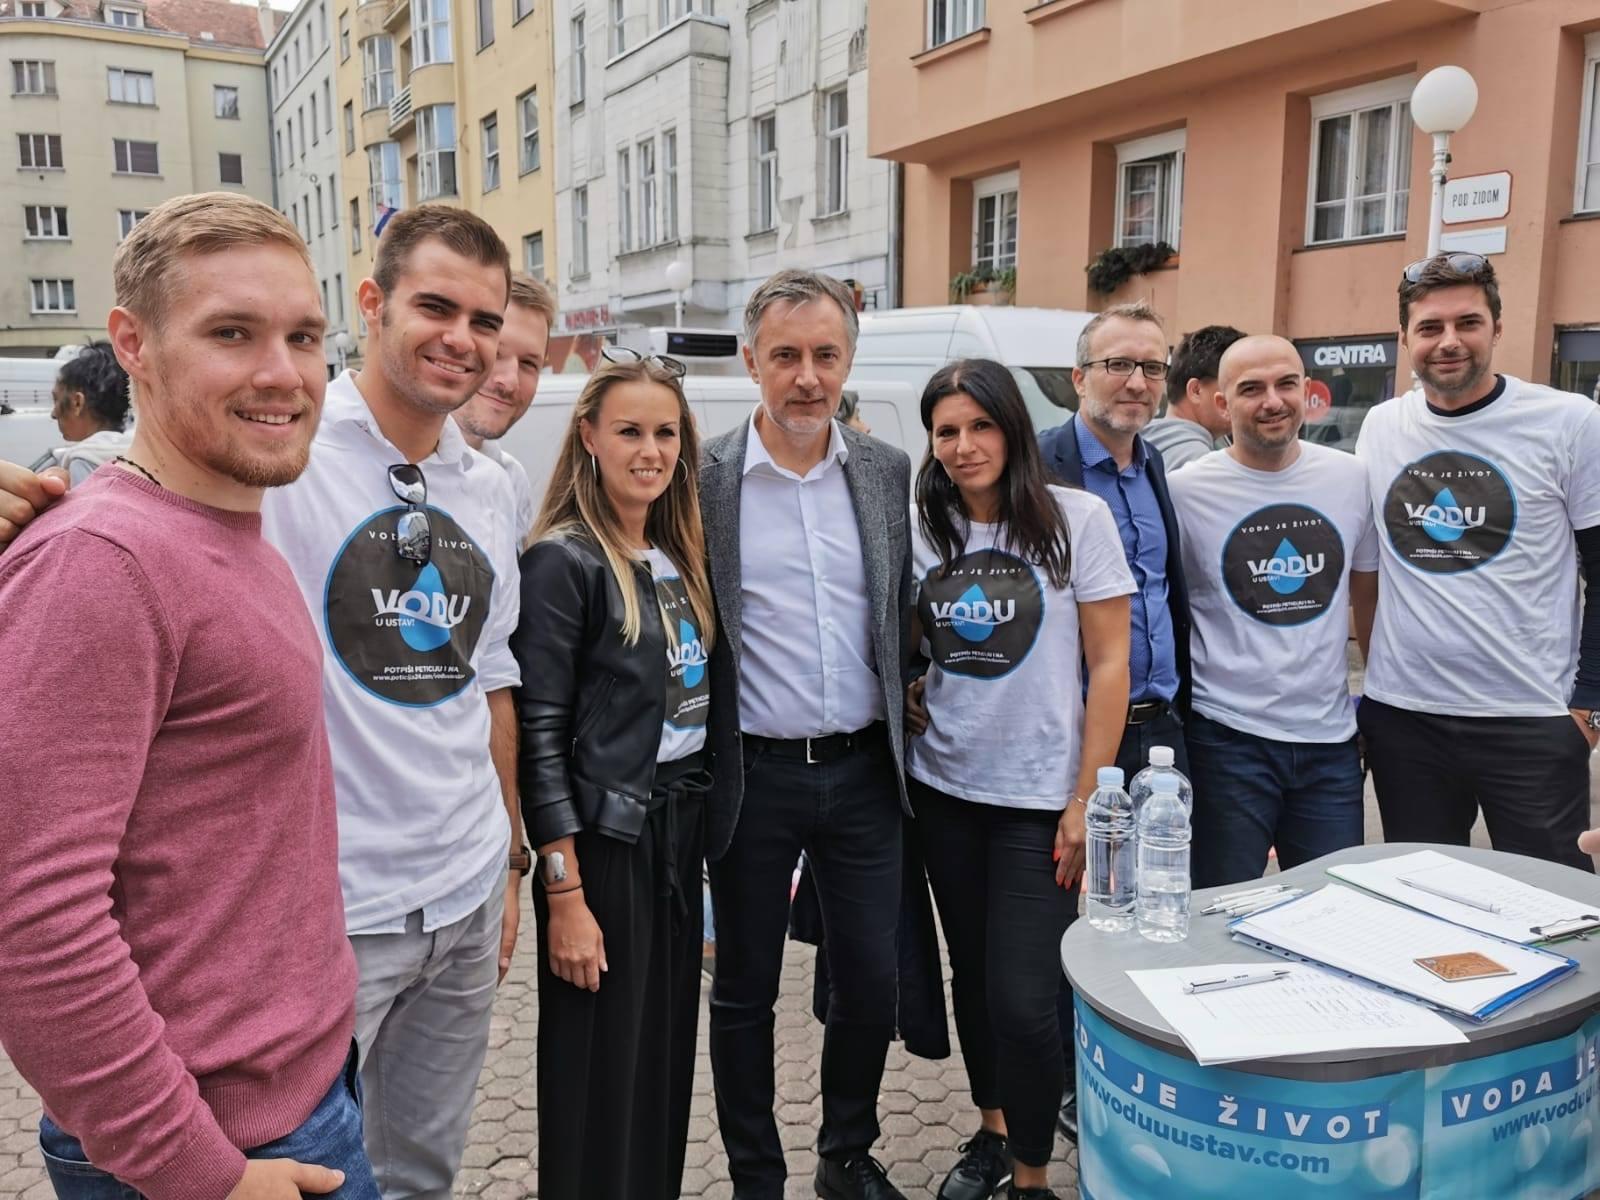 Miroslav Škoro je potpisao Mostovu peticiju kojom Ustavom žele zabraniti privatizaciju javne opskrbe vodom te pravo na pitku vodu Ustavom zaštititi kao jedno od temeljnih ljudskih prava.